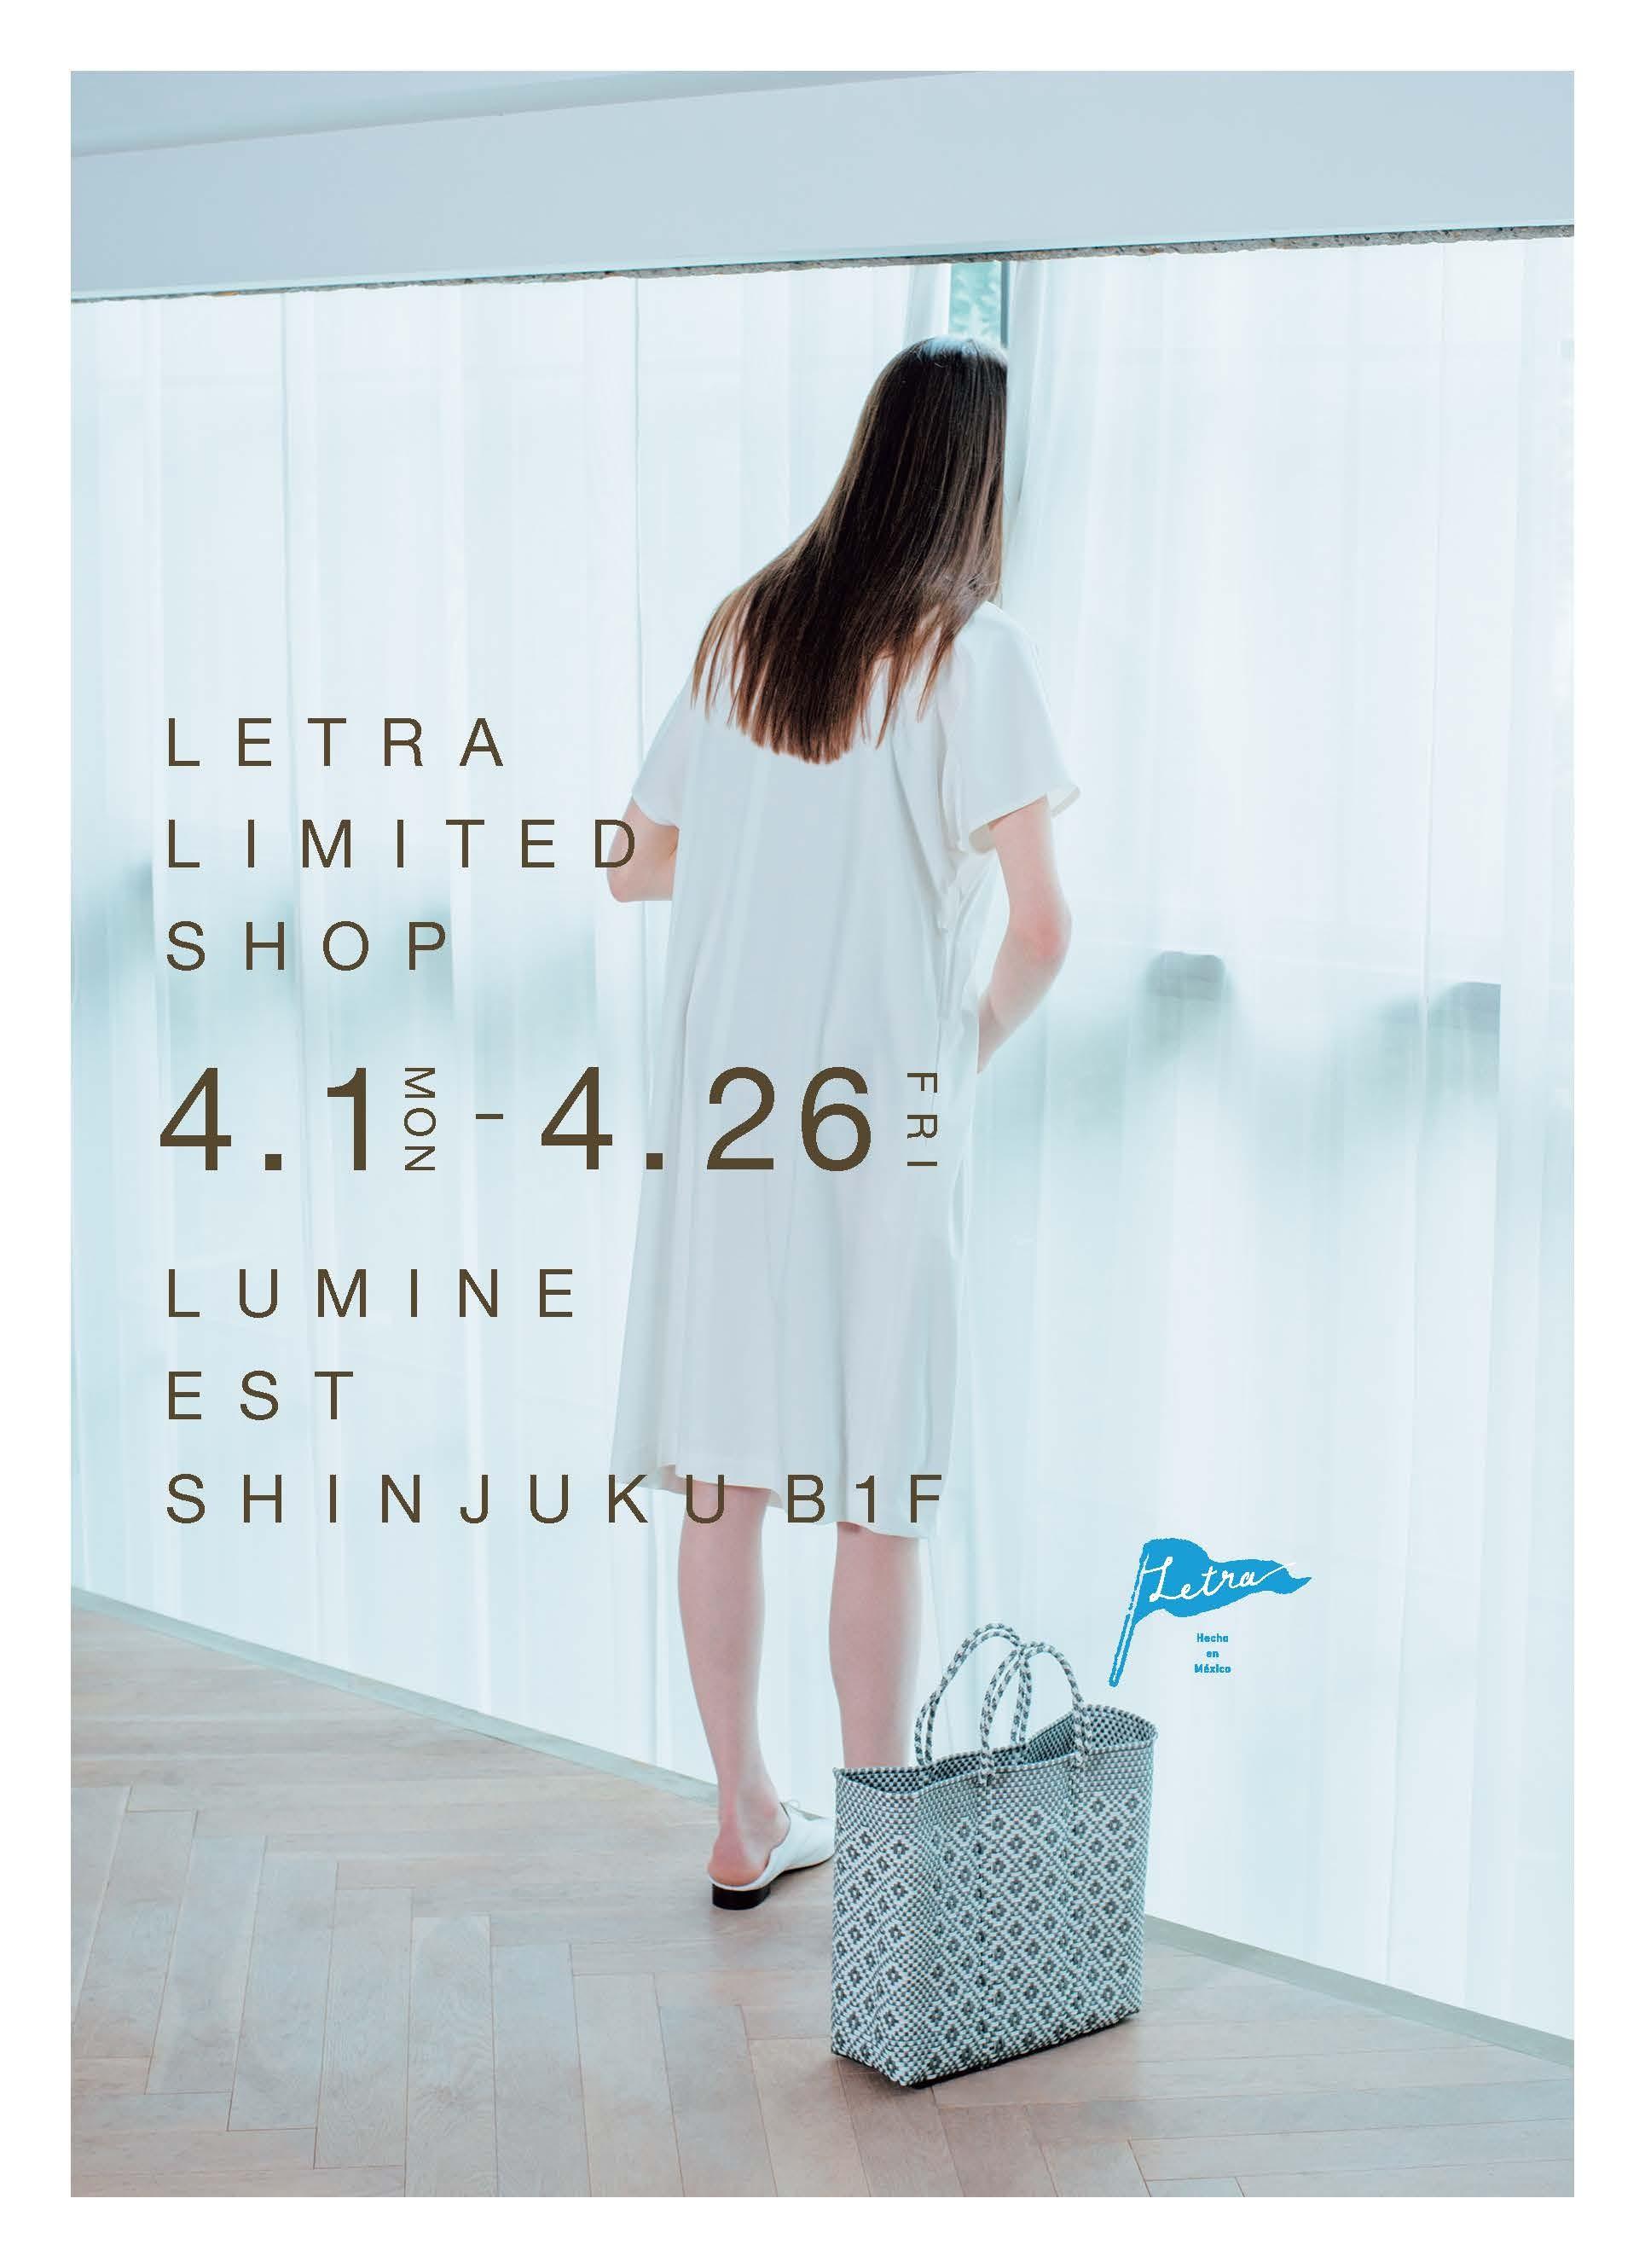 ルミネエスト新宿地下1階 Letra Limited Shop OPEN!